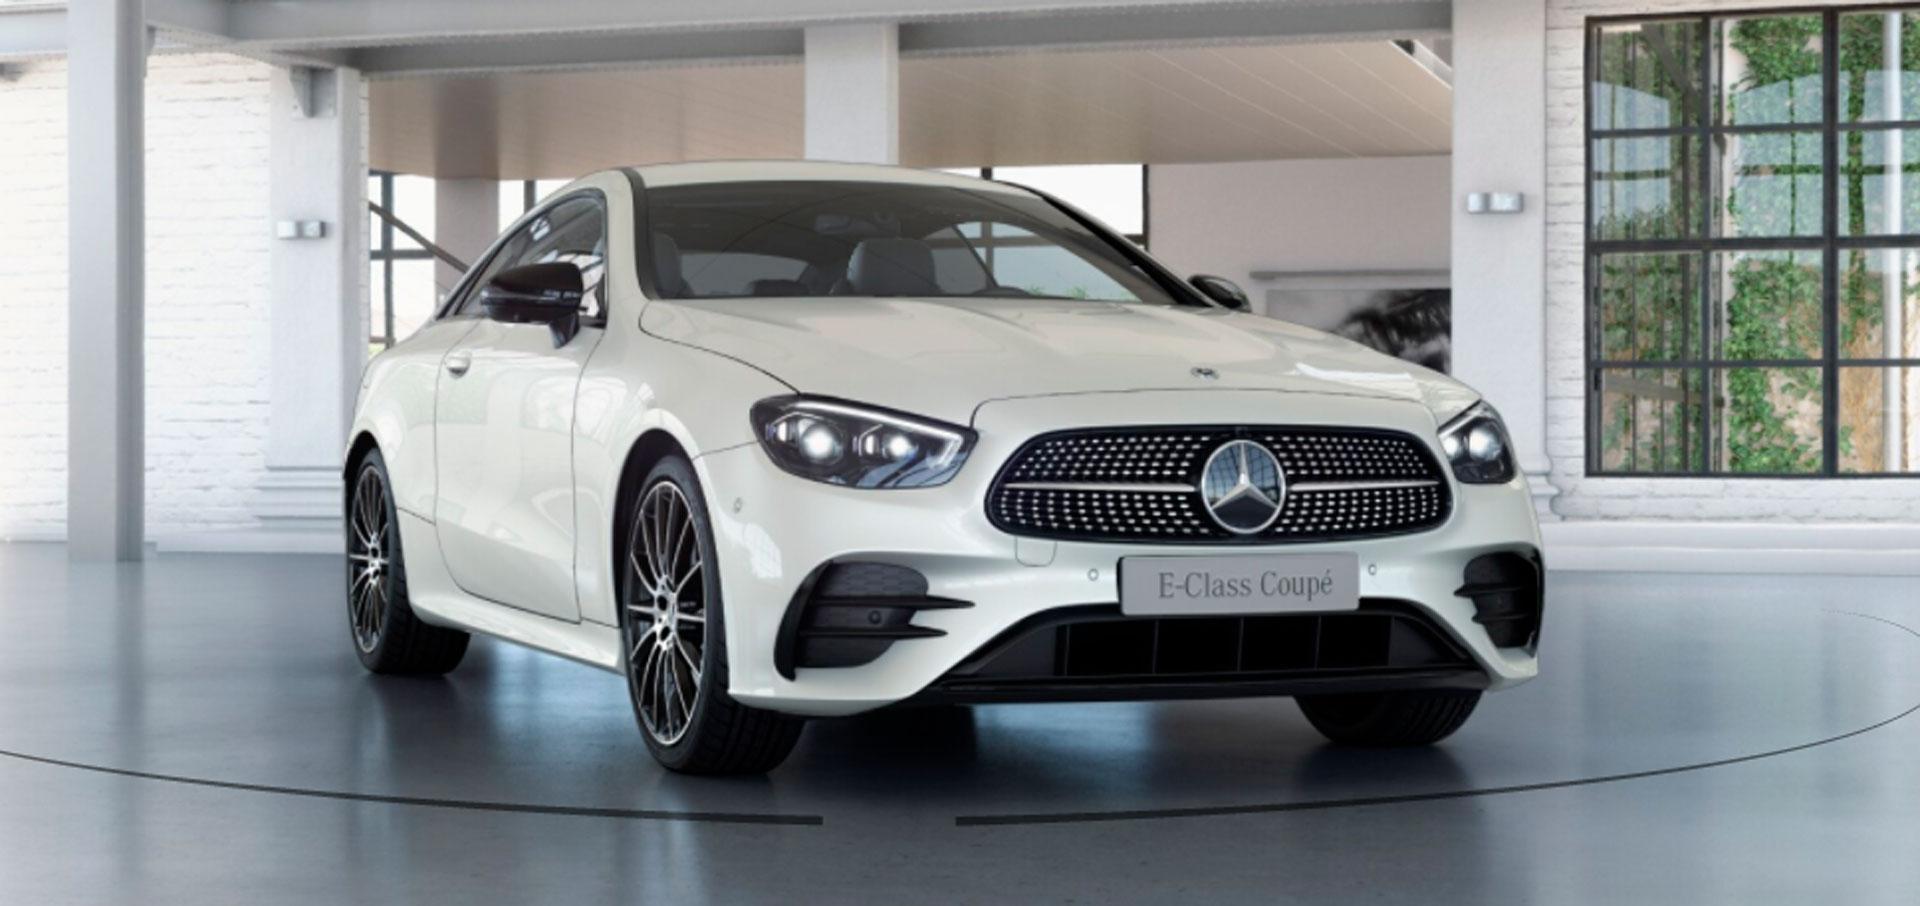 Mercedes-Benz E-Class Coupe 52614023